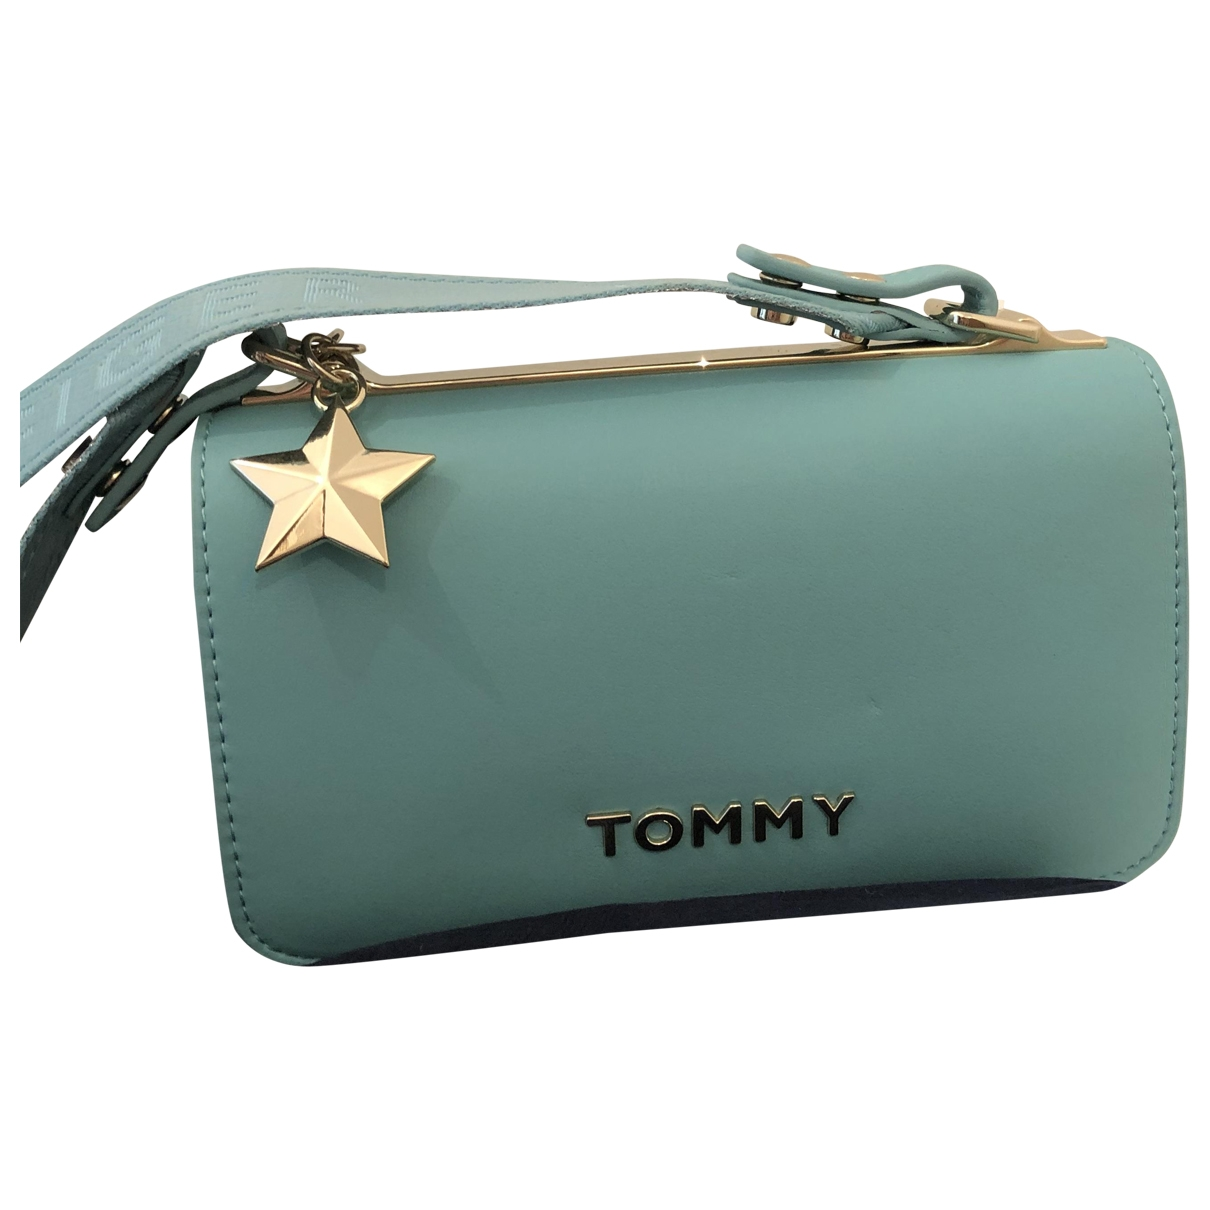 Tommy Hilfiger - Sac a main   pour femme en cuir - turquoise